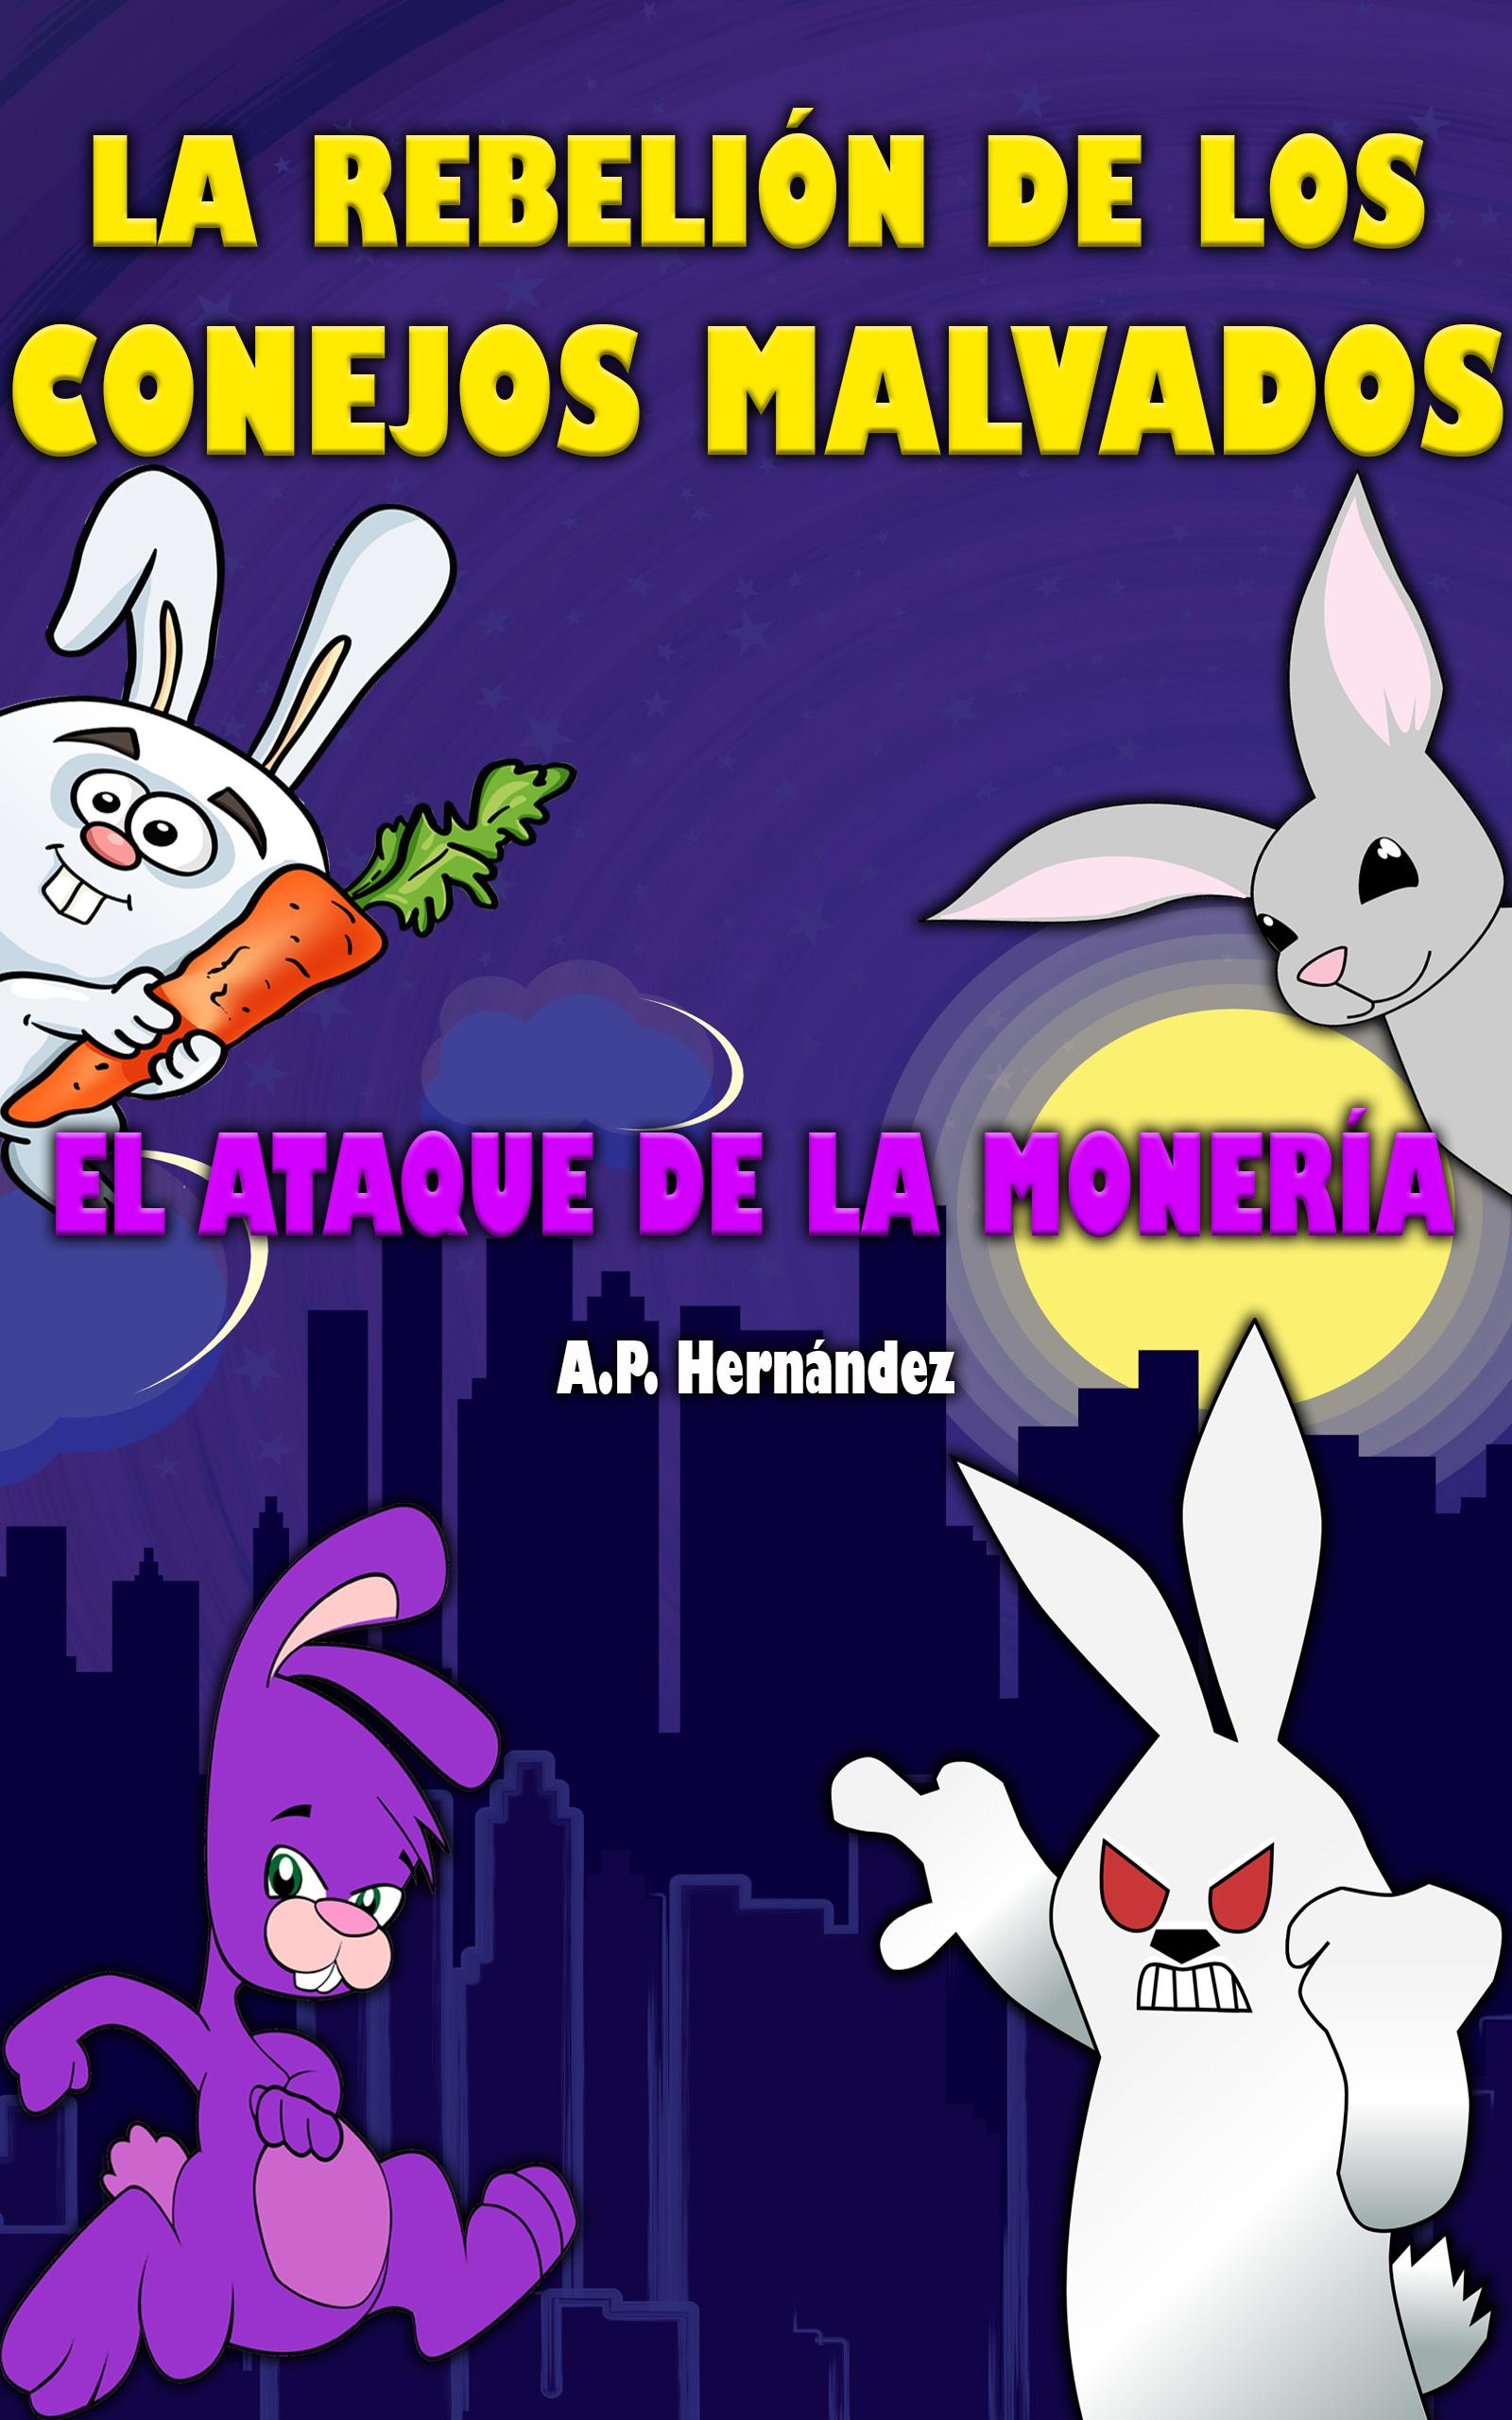 La rebelión de los conejos malvados. ¡el ataque de la monería!